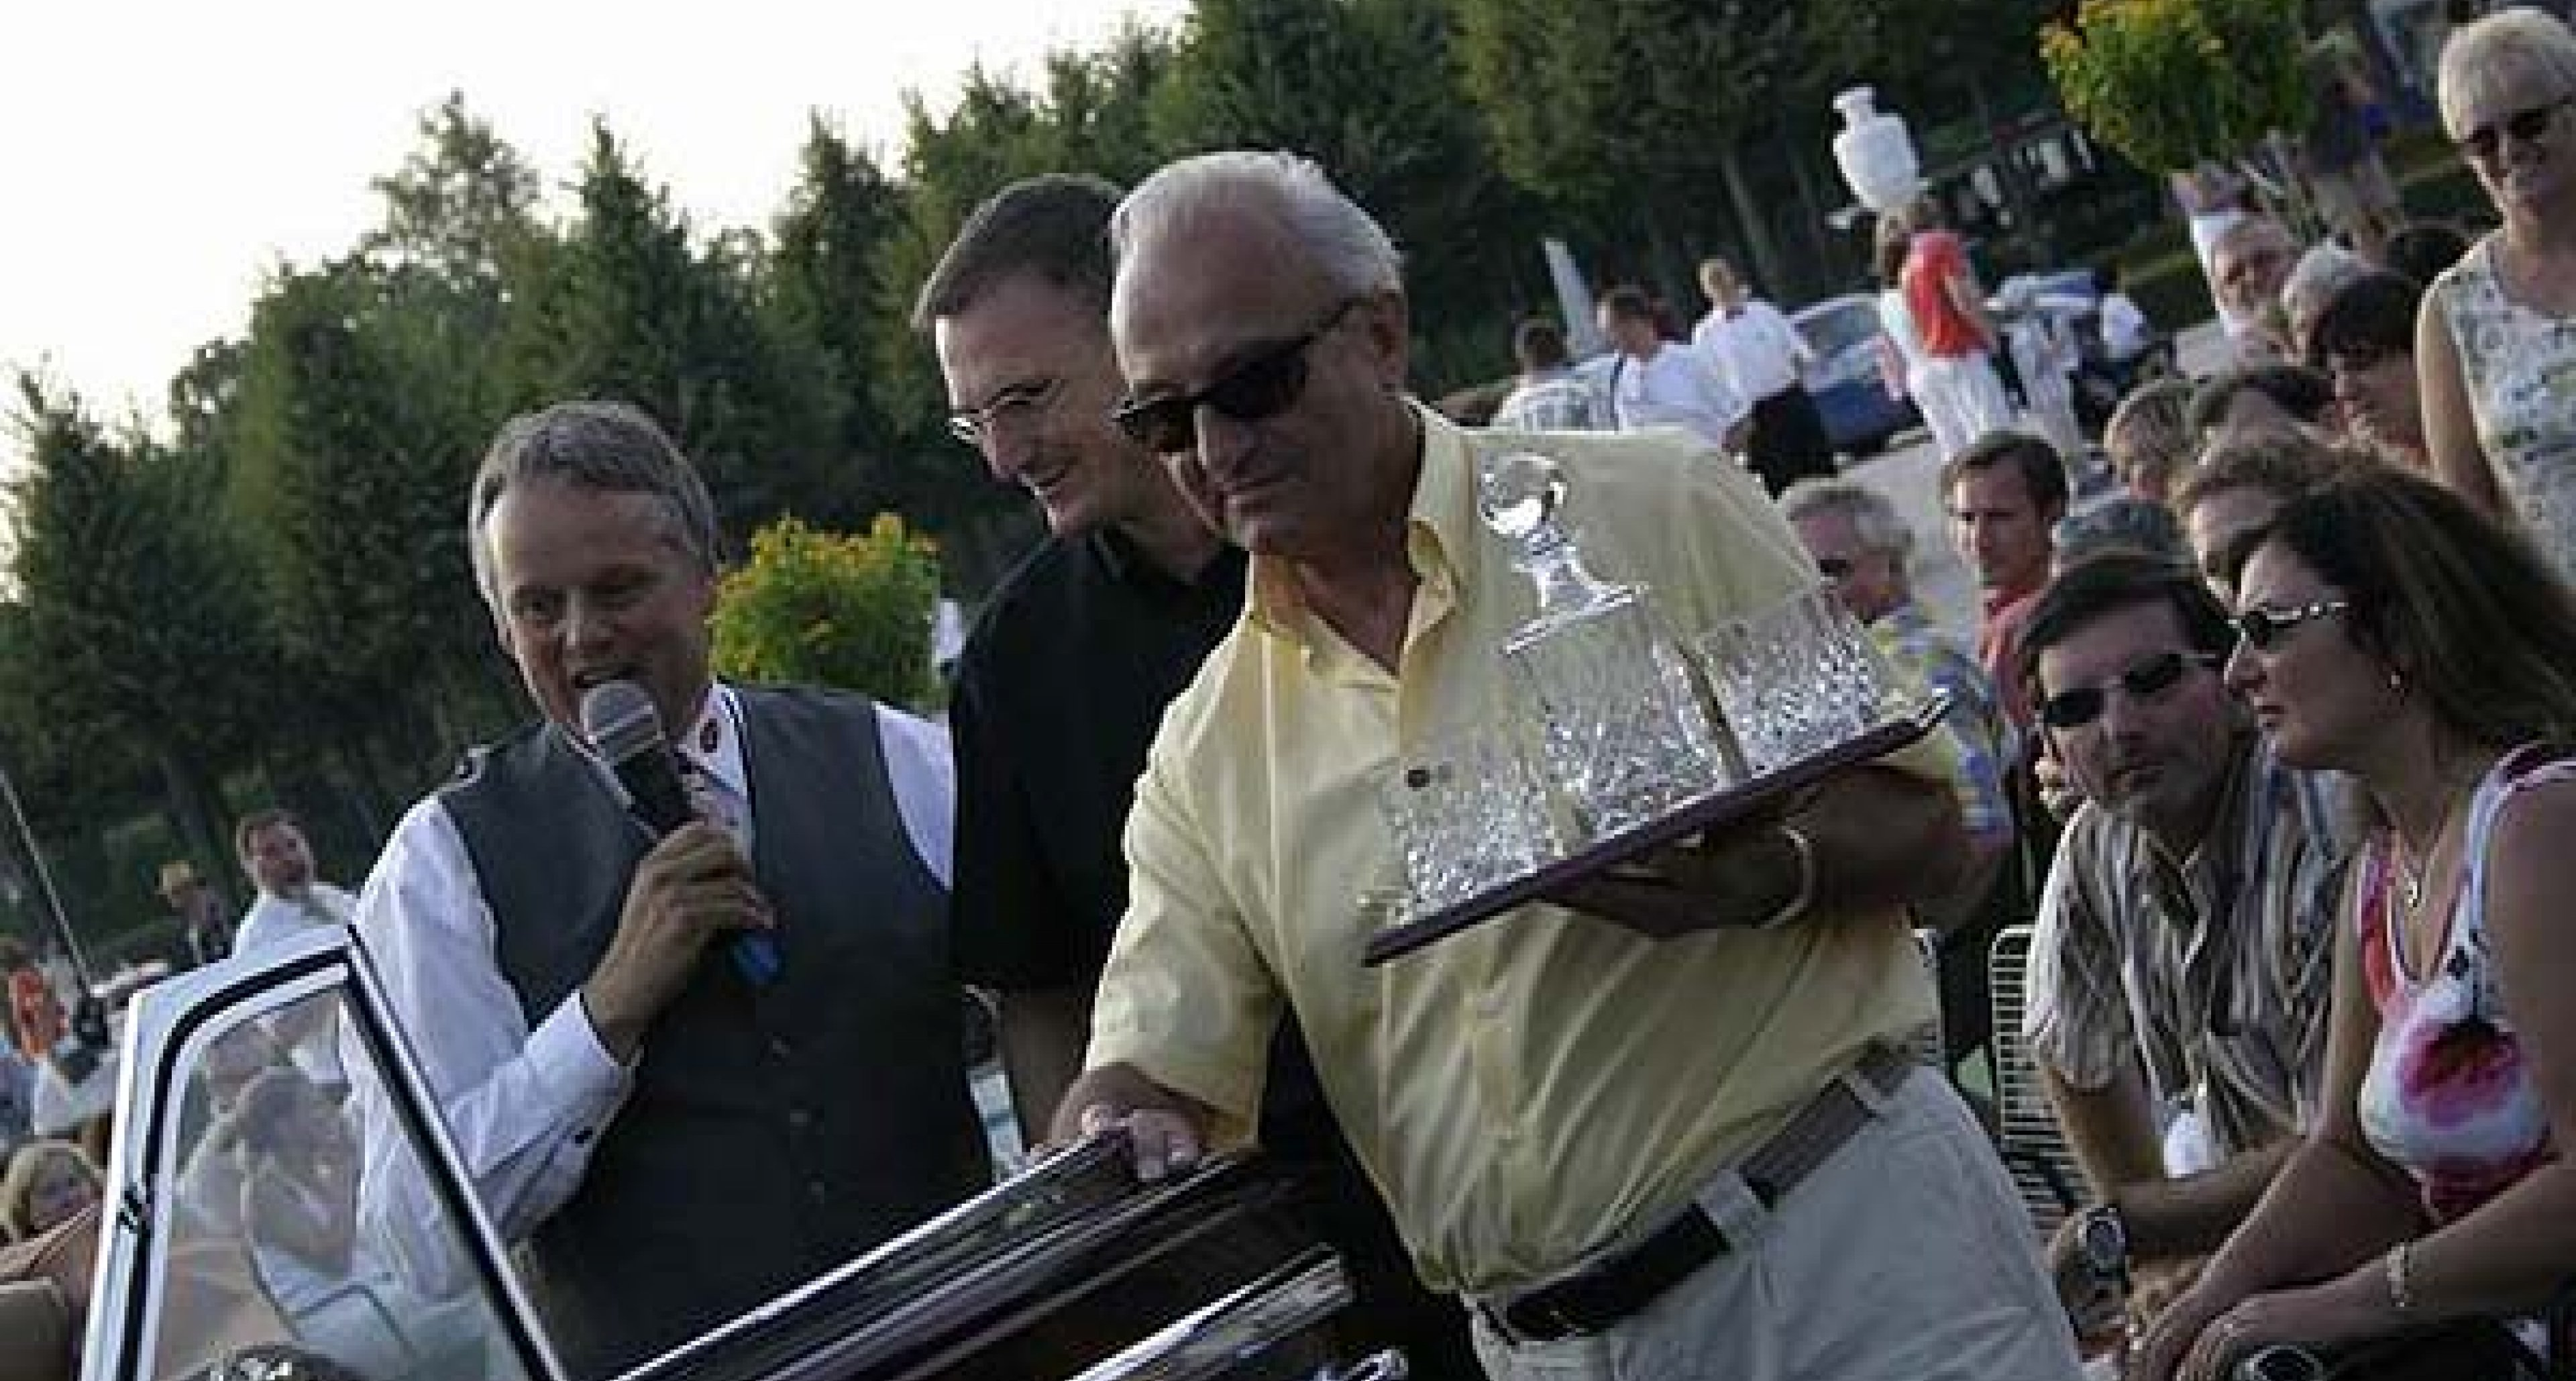 Concours d'Elegance in Schwetzingen 2005